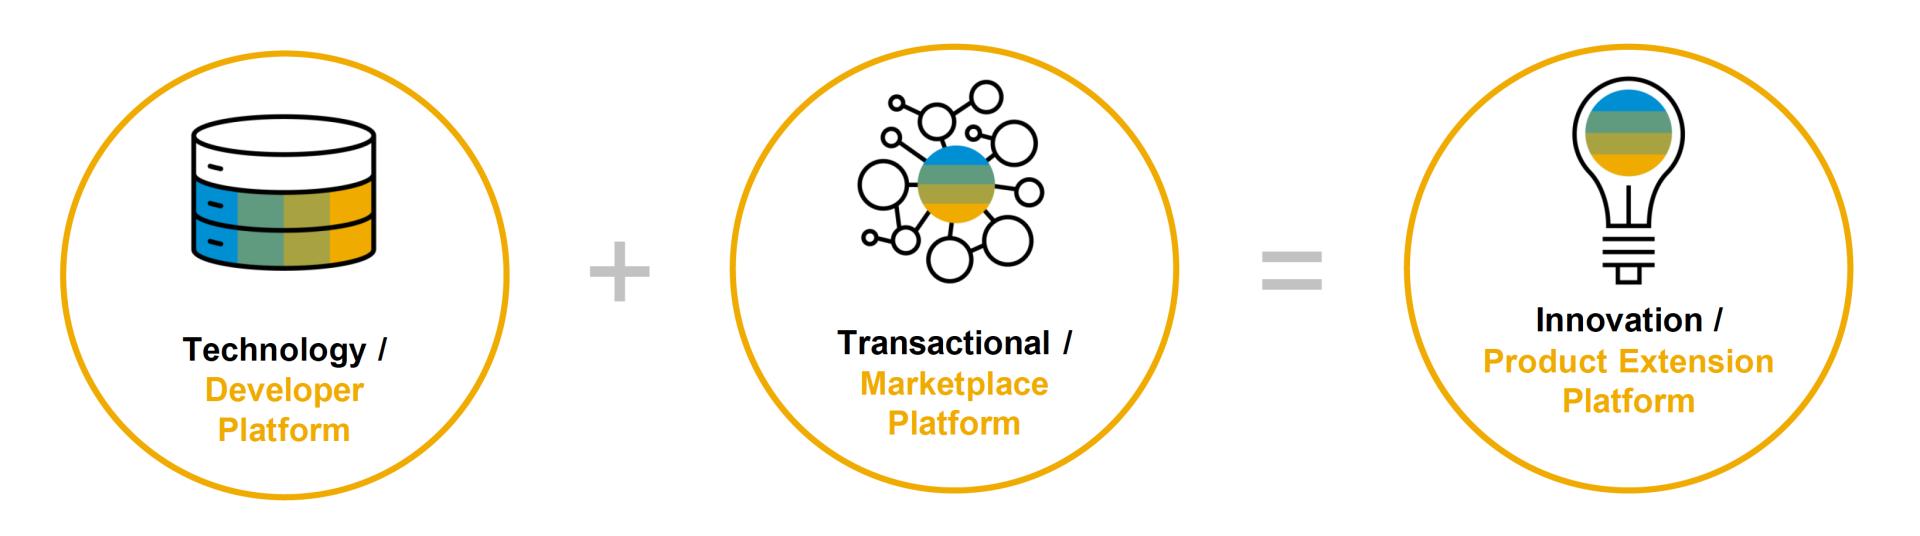 SAP Business Technology Framework